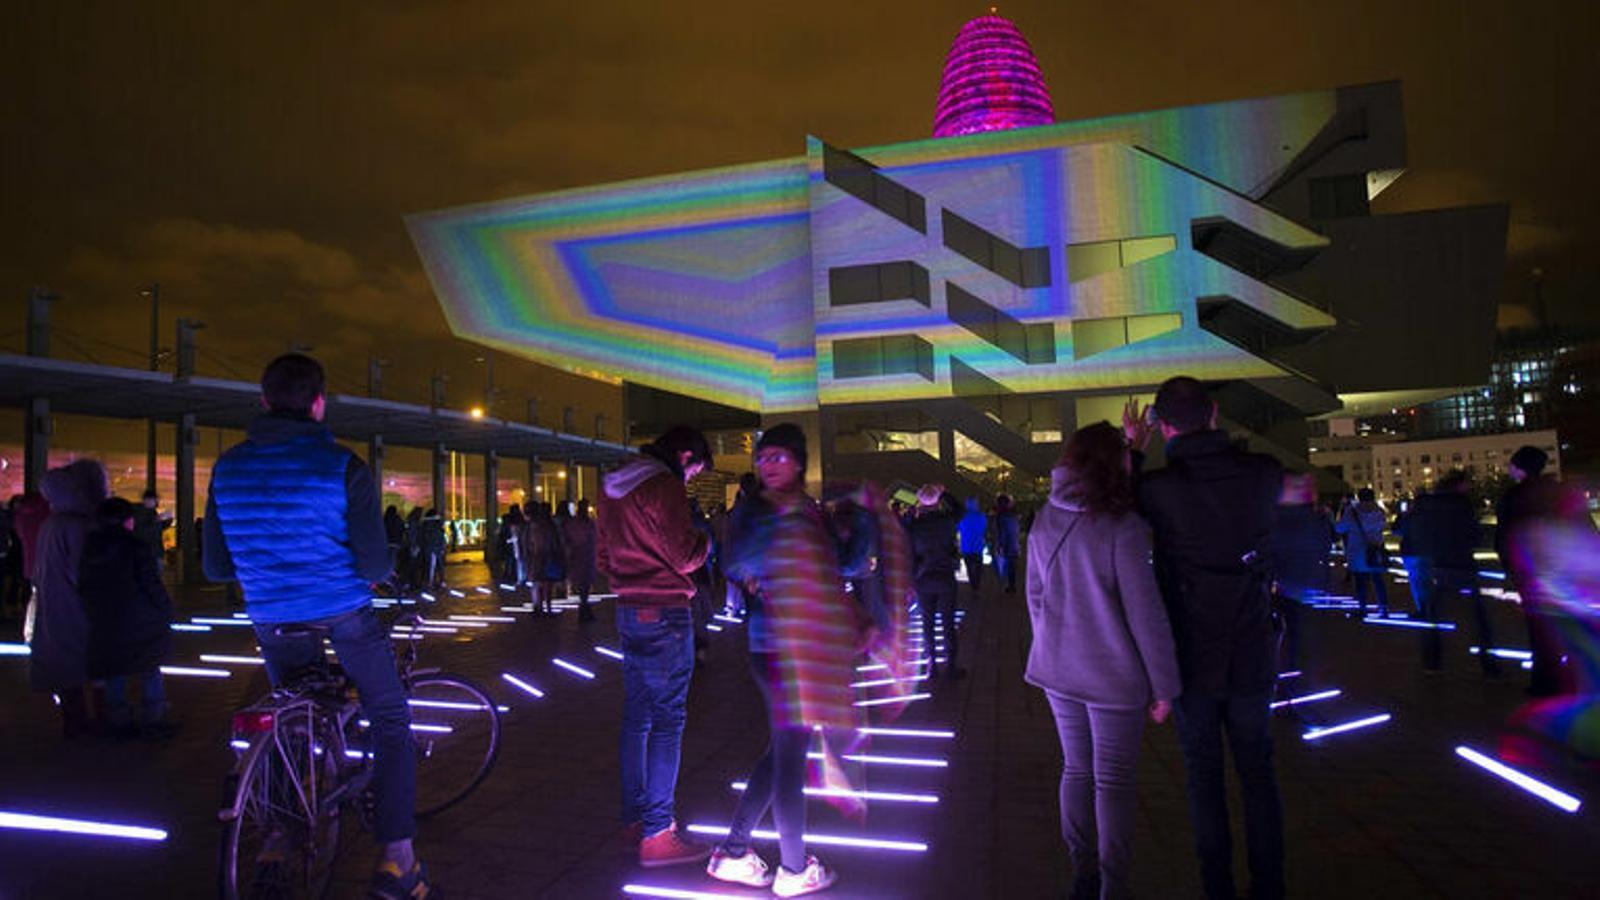 Una instal·lació de llum al Disseny Hub